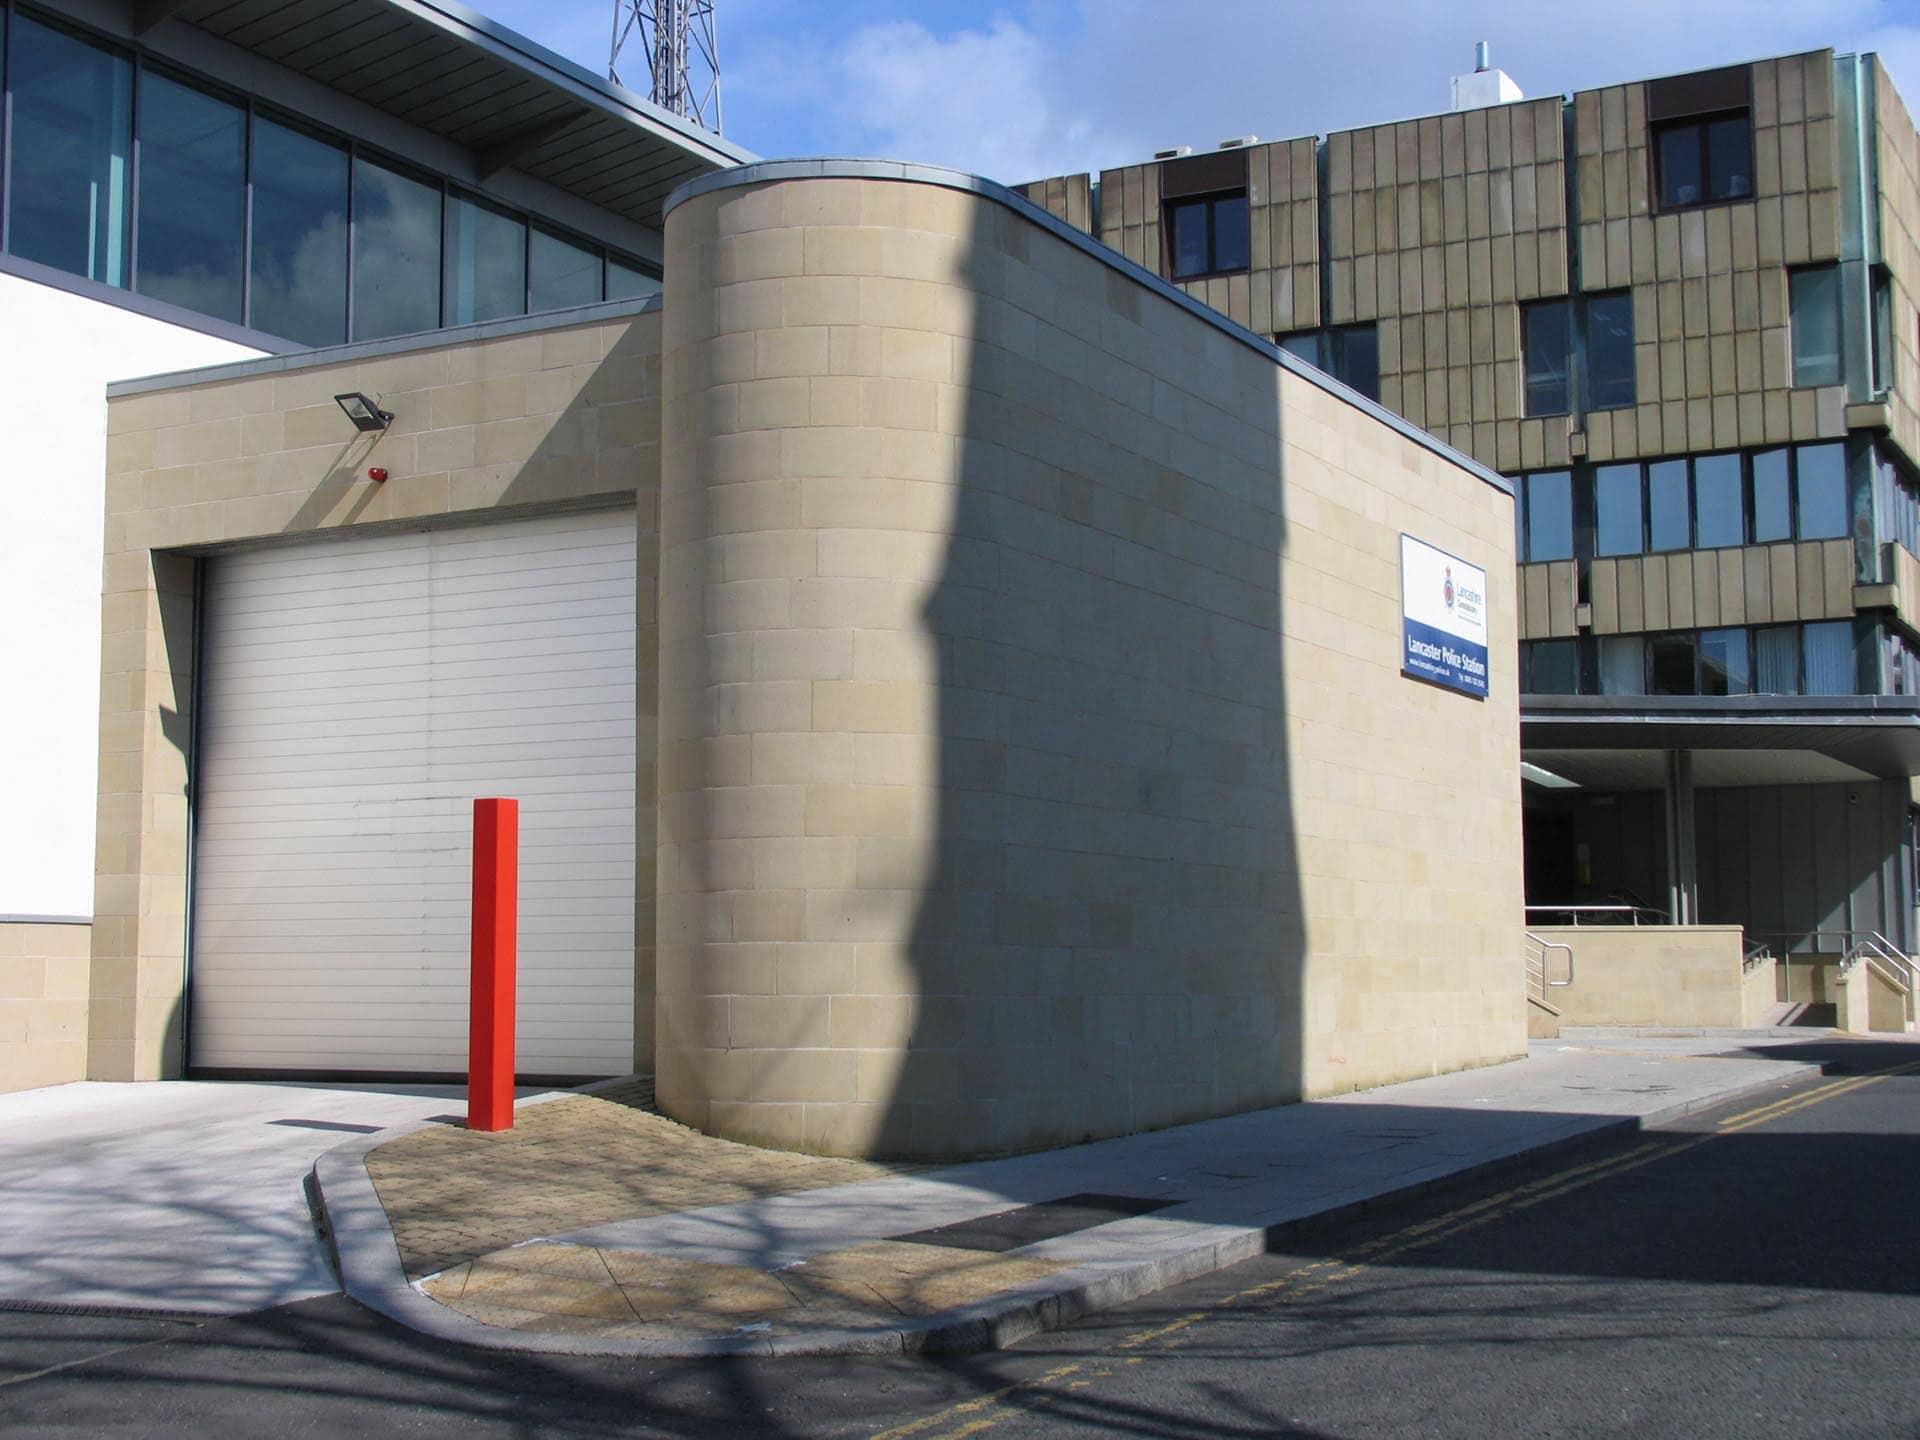 Lancaster Police Station.